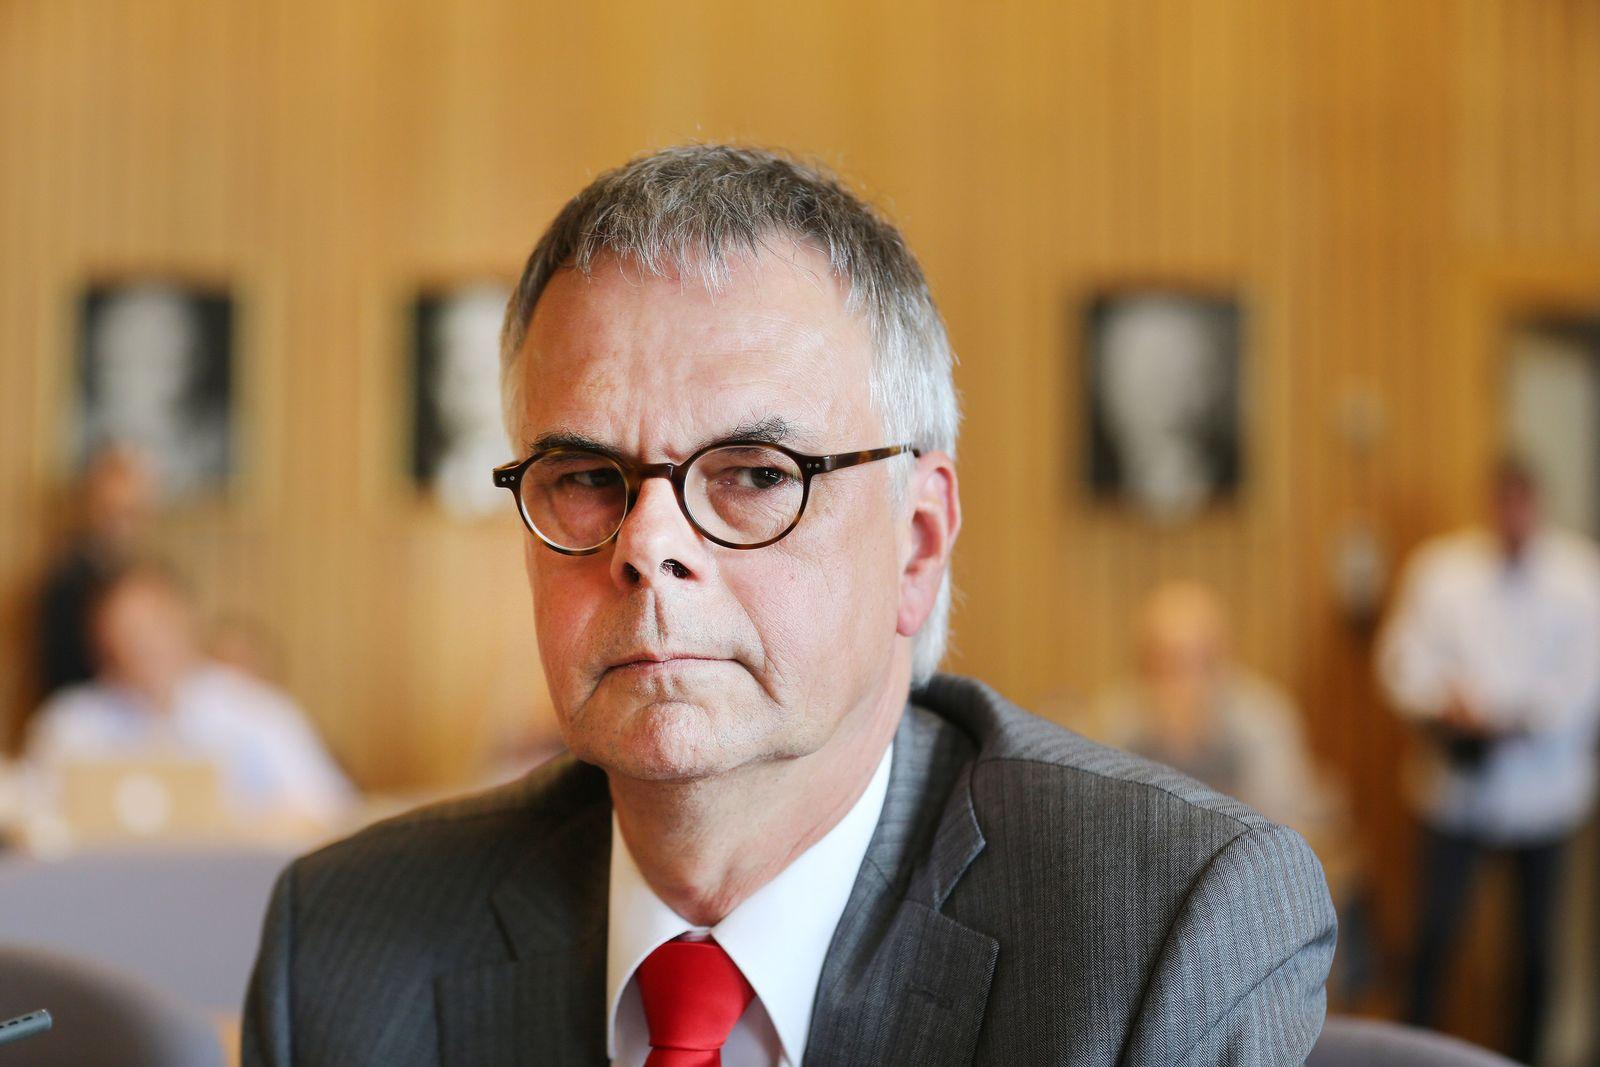 Untersuchungsausschuss zur Silvesternacht - Wolfgang Albers